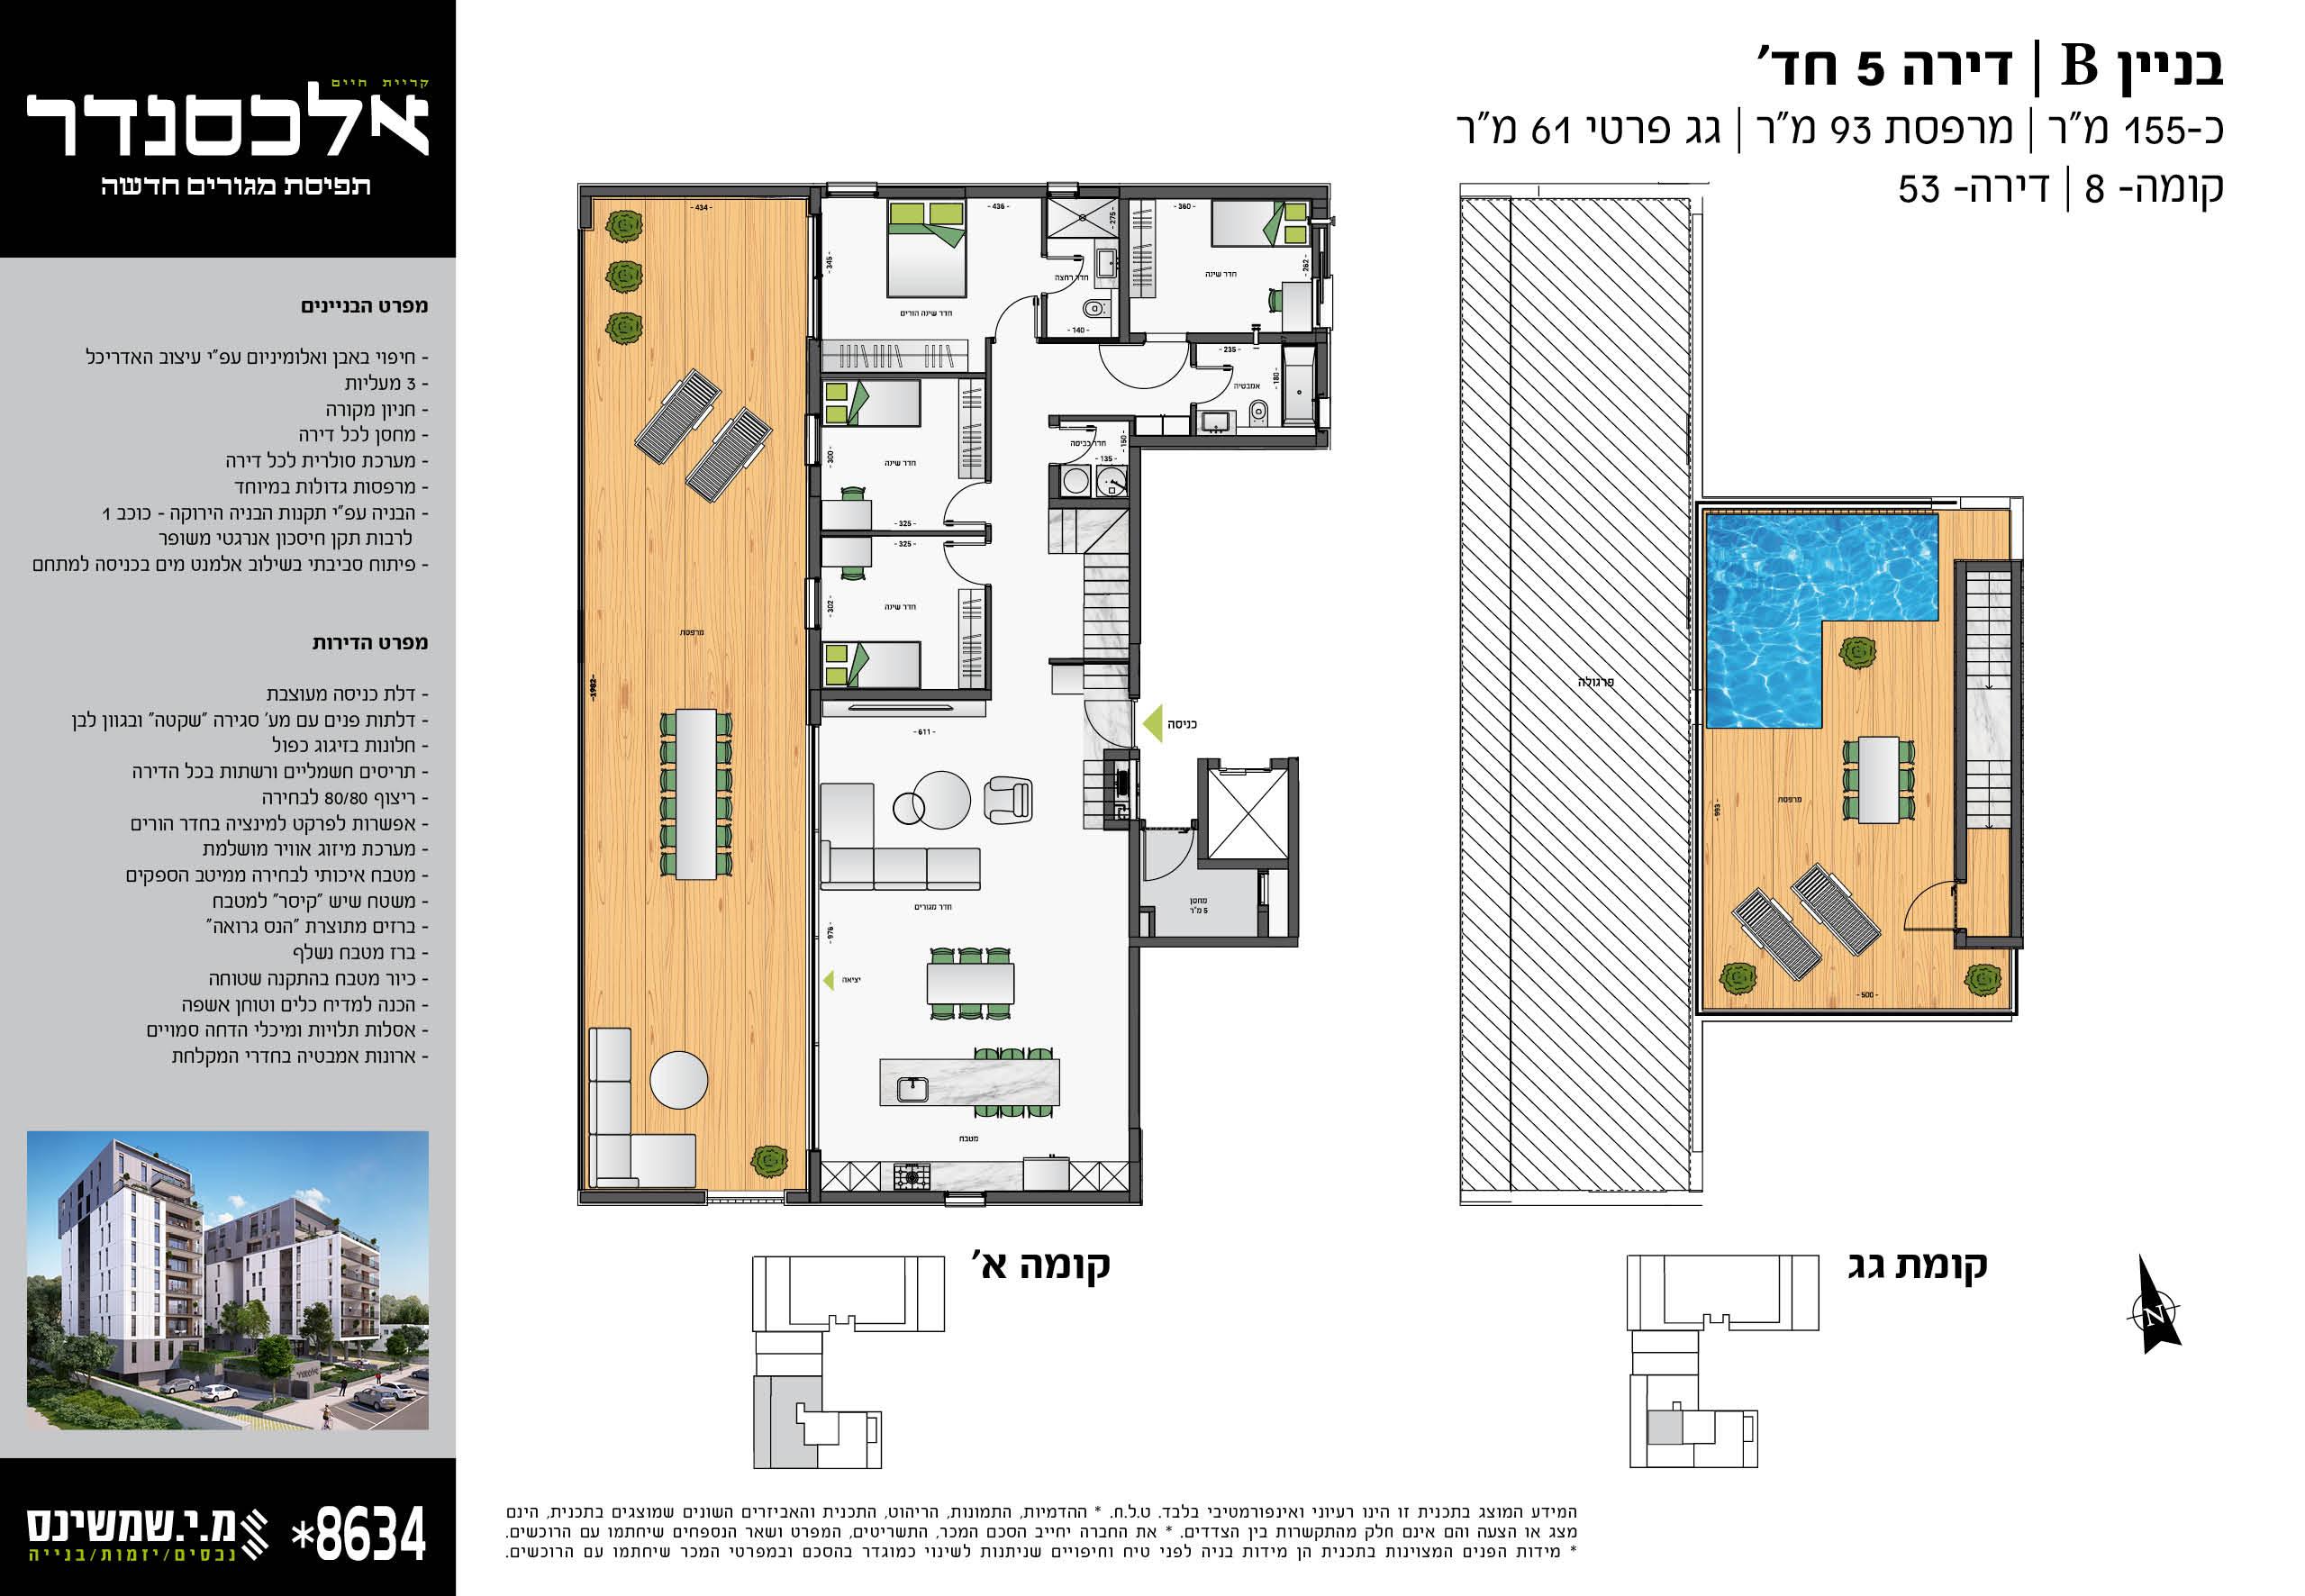 דירה 53 - גג פרטי